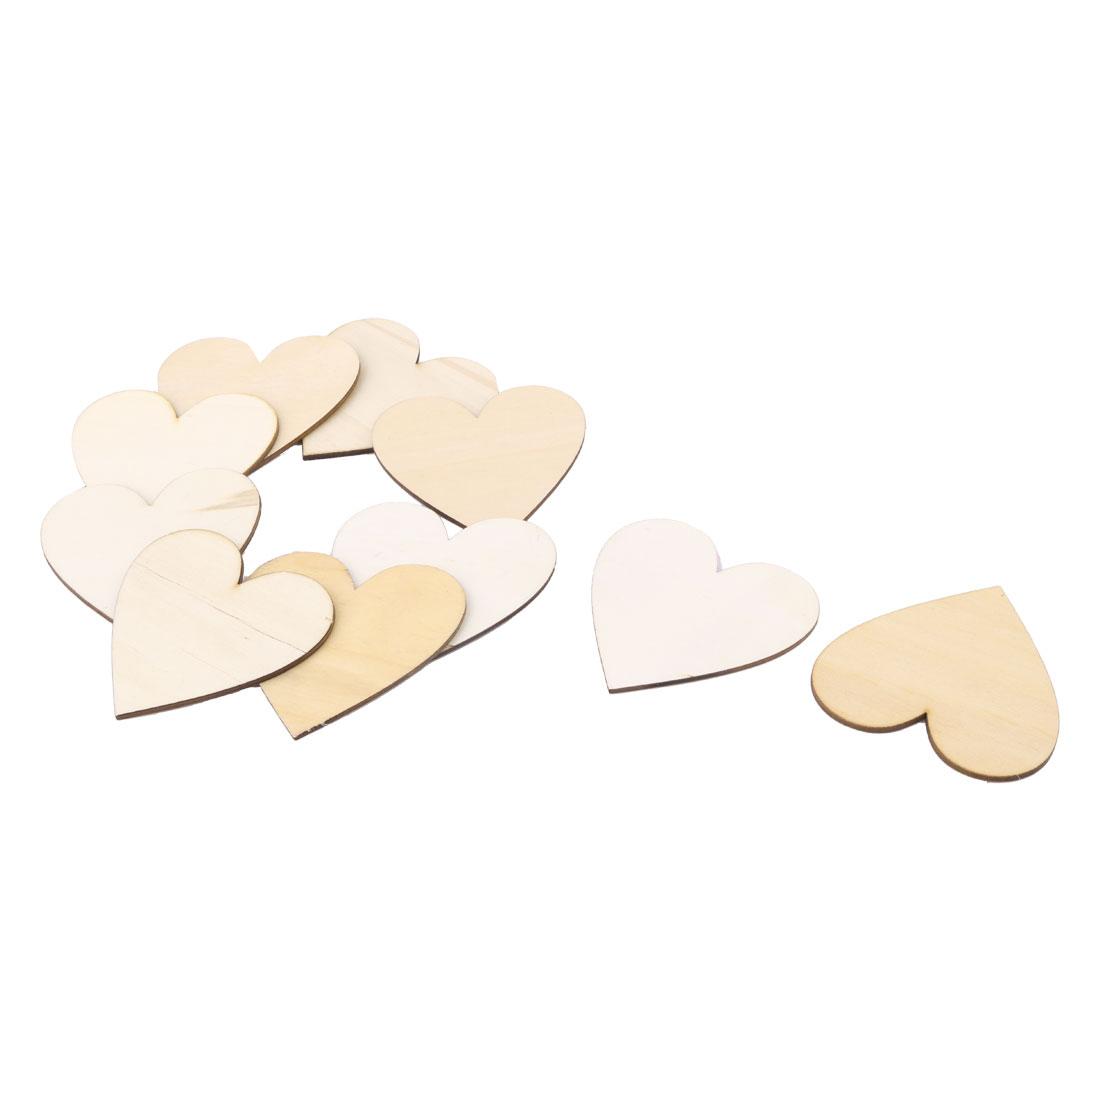 Wooden Love Heart Shaped Wedding Decor Art Craft DIY Accessories Beige 80 x 75mm 10 Pcs